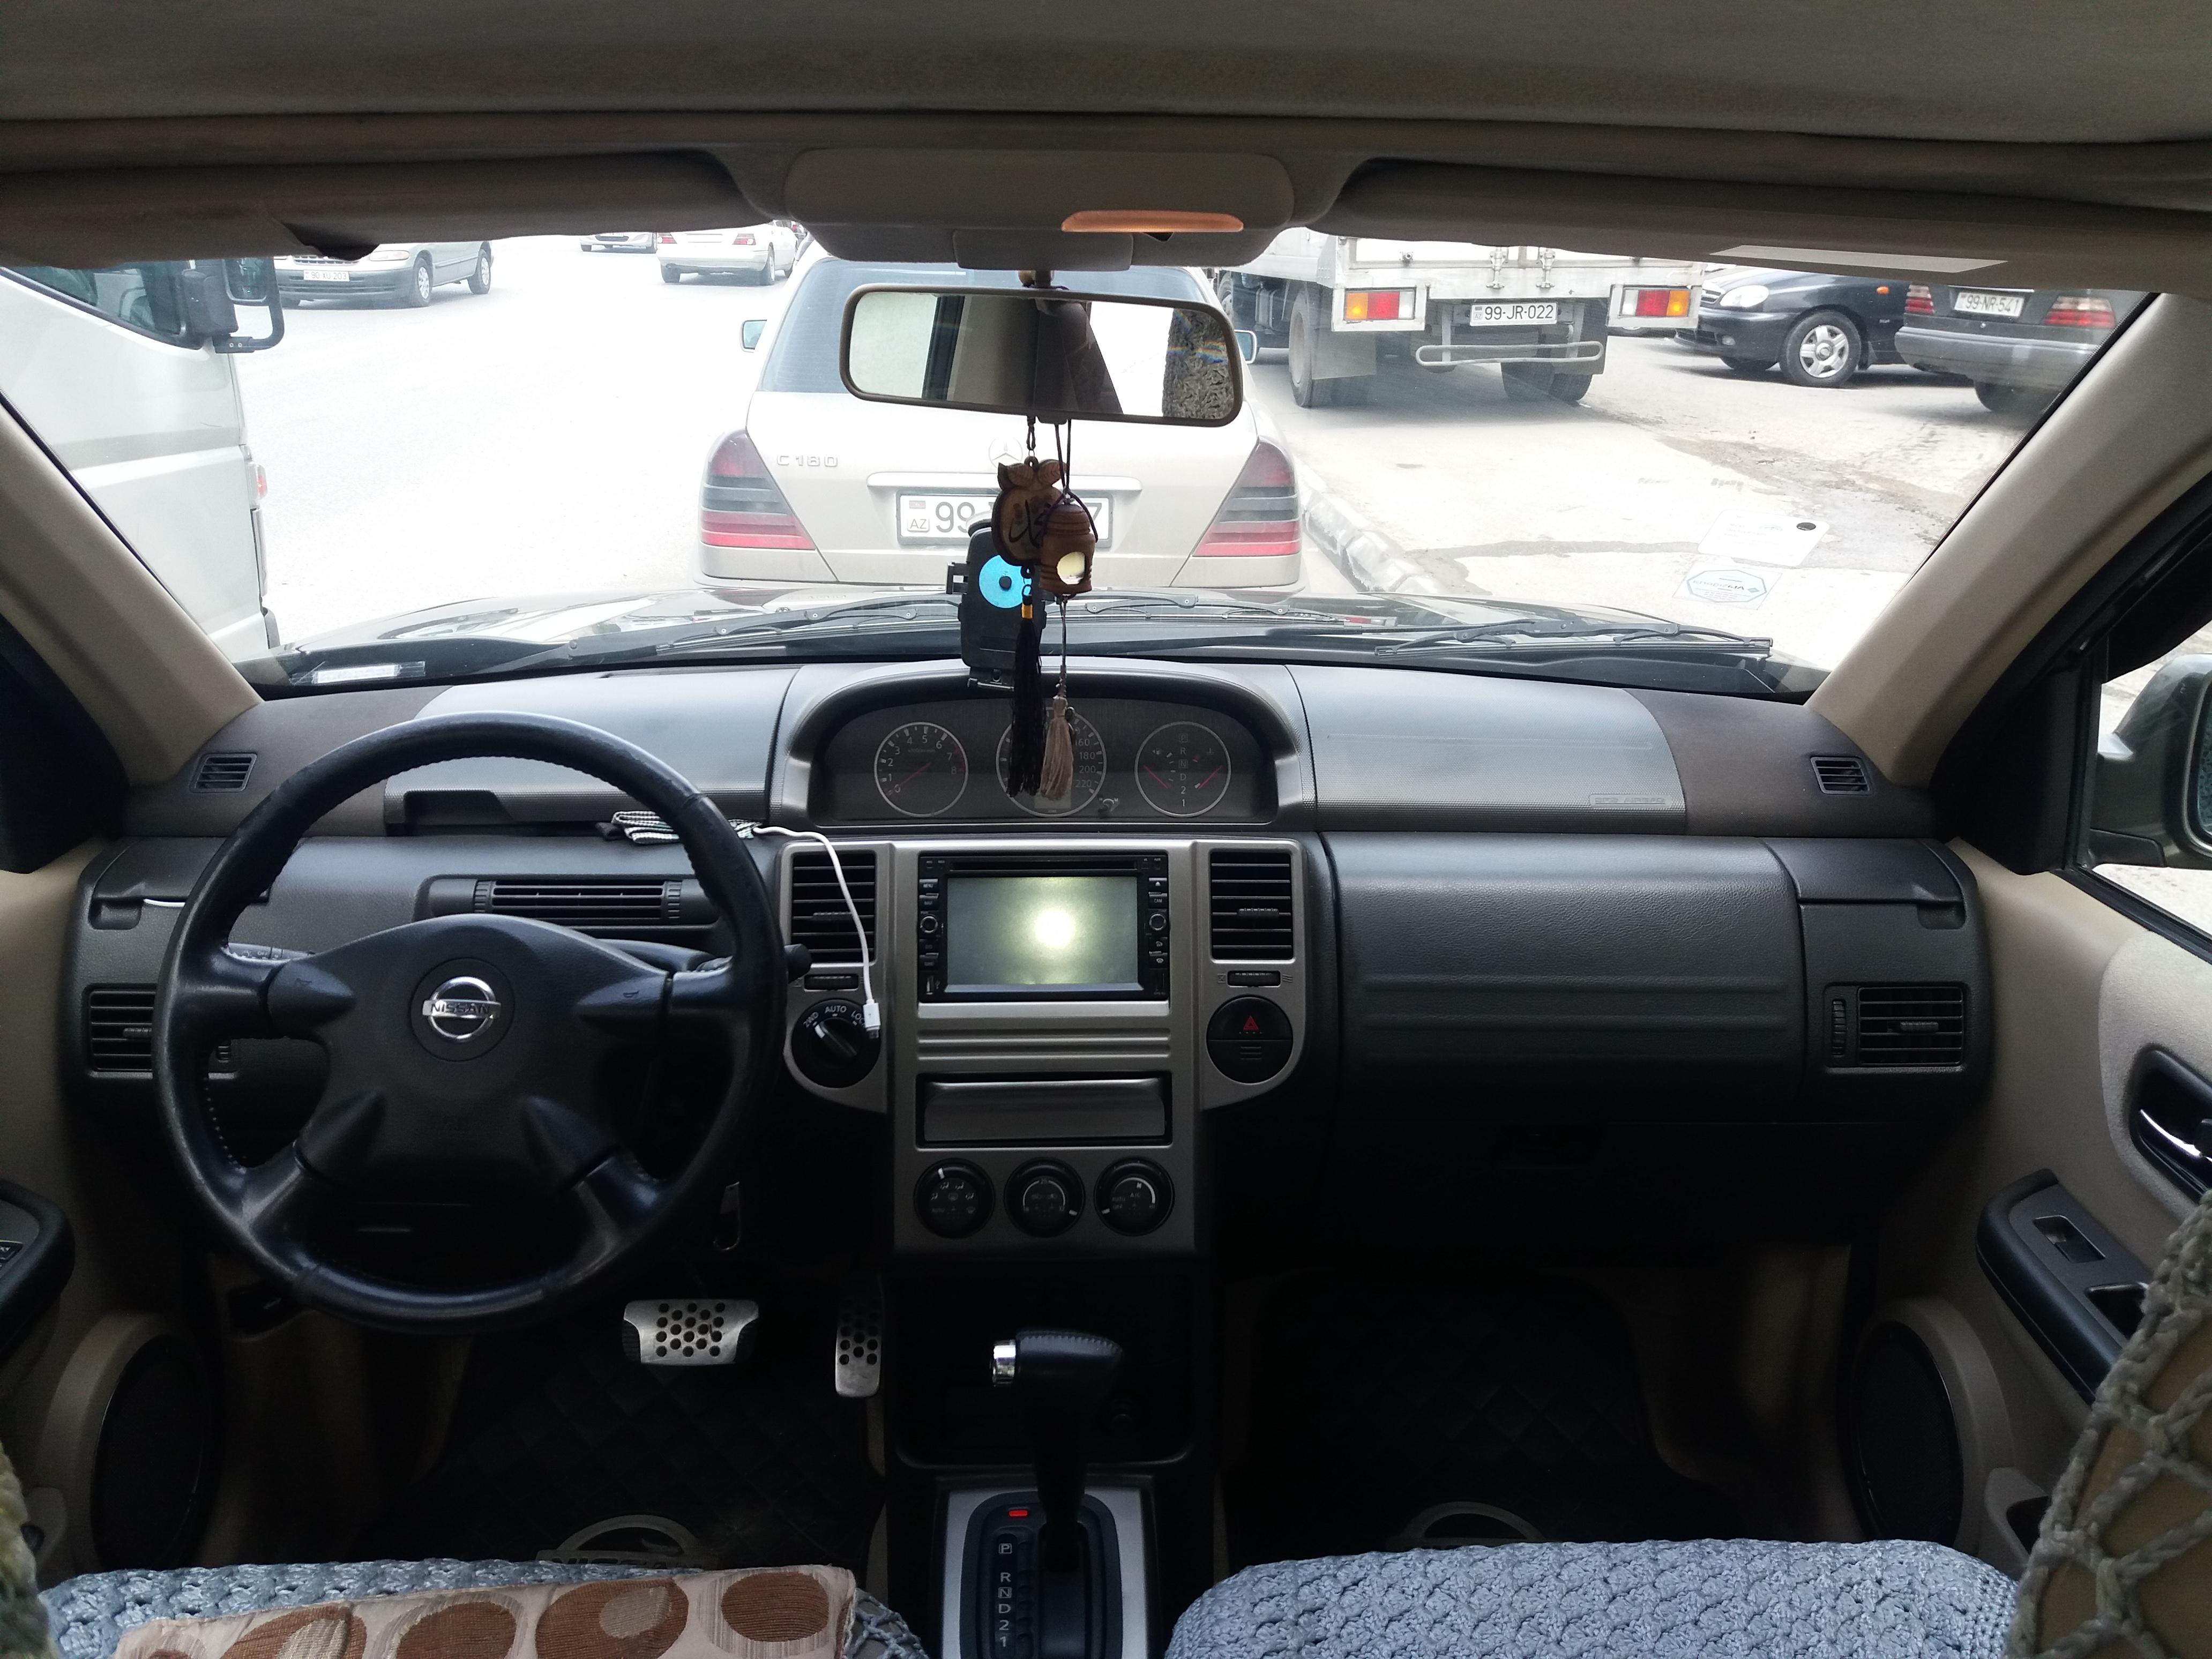 Nissan X-Trail 2.5(lt) 2004 İkinci əl  $10000